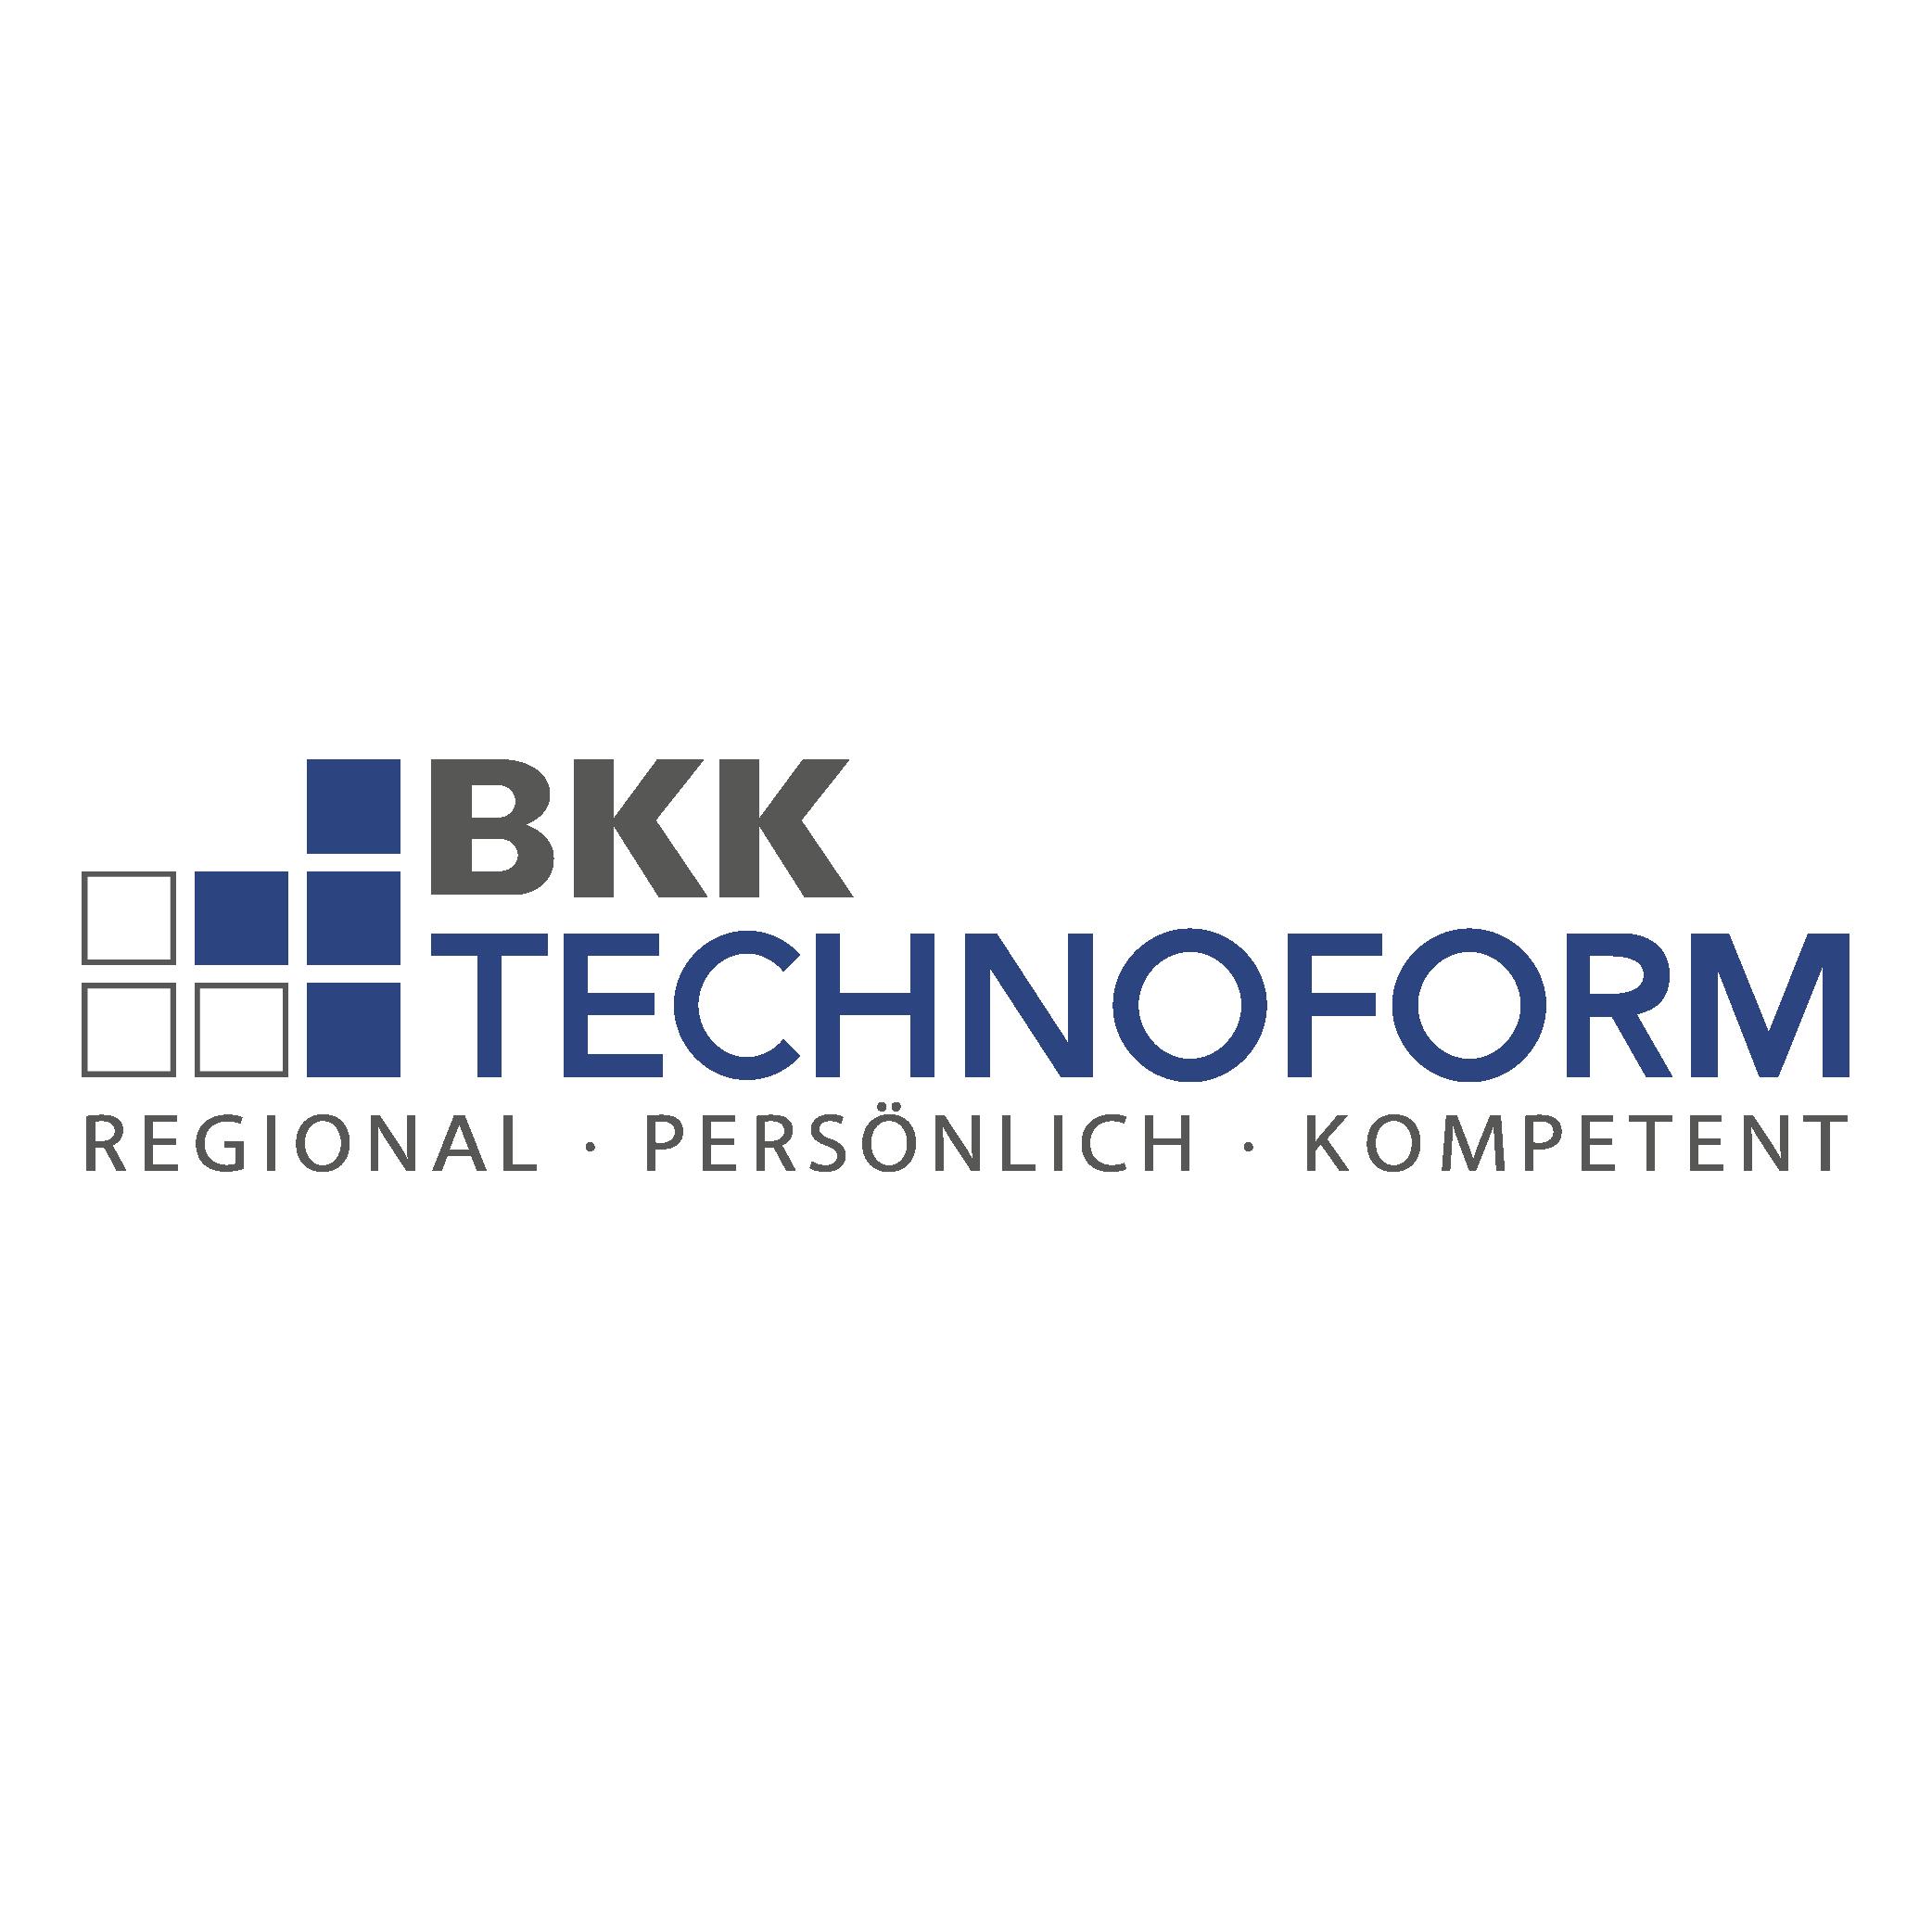 Markenzeichen der BKK Technoform